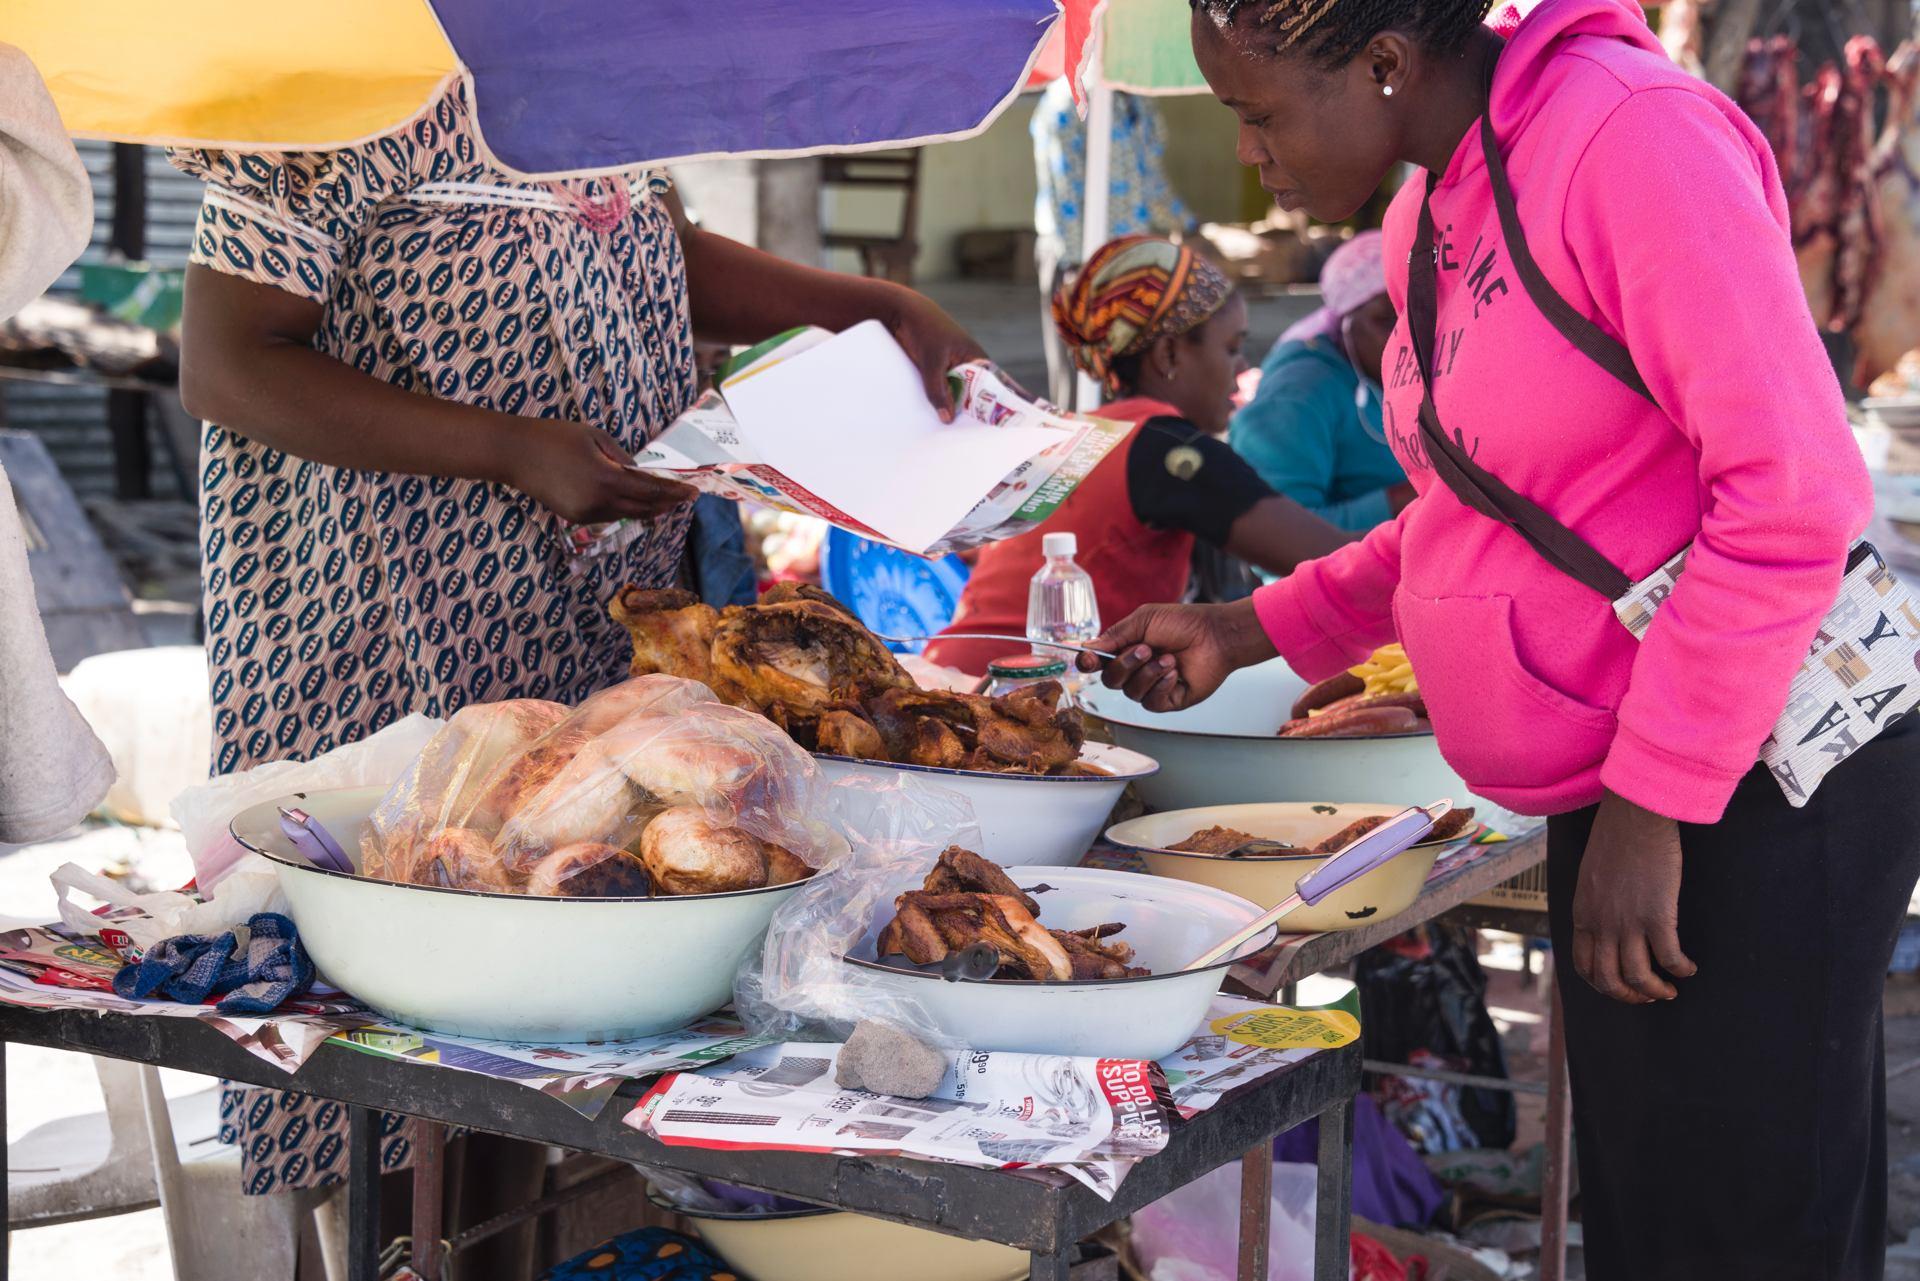 Etal de poulets frits et petits pains maison (marché aux environs de Windhoek, Namibie)